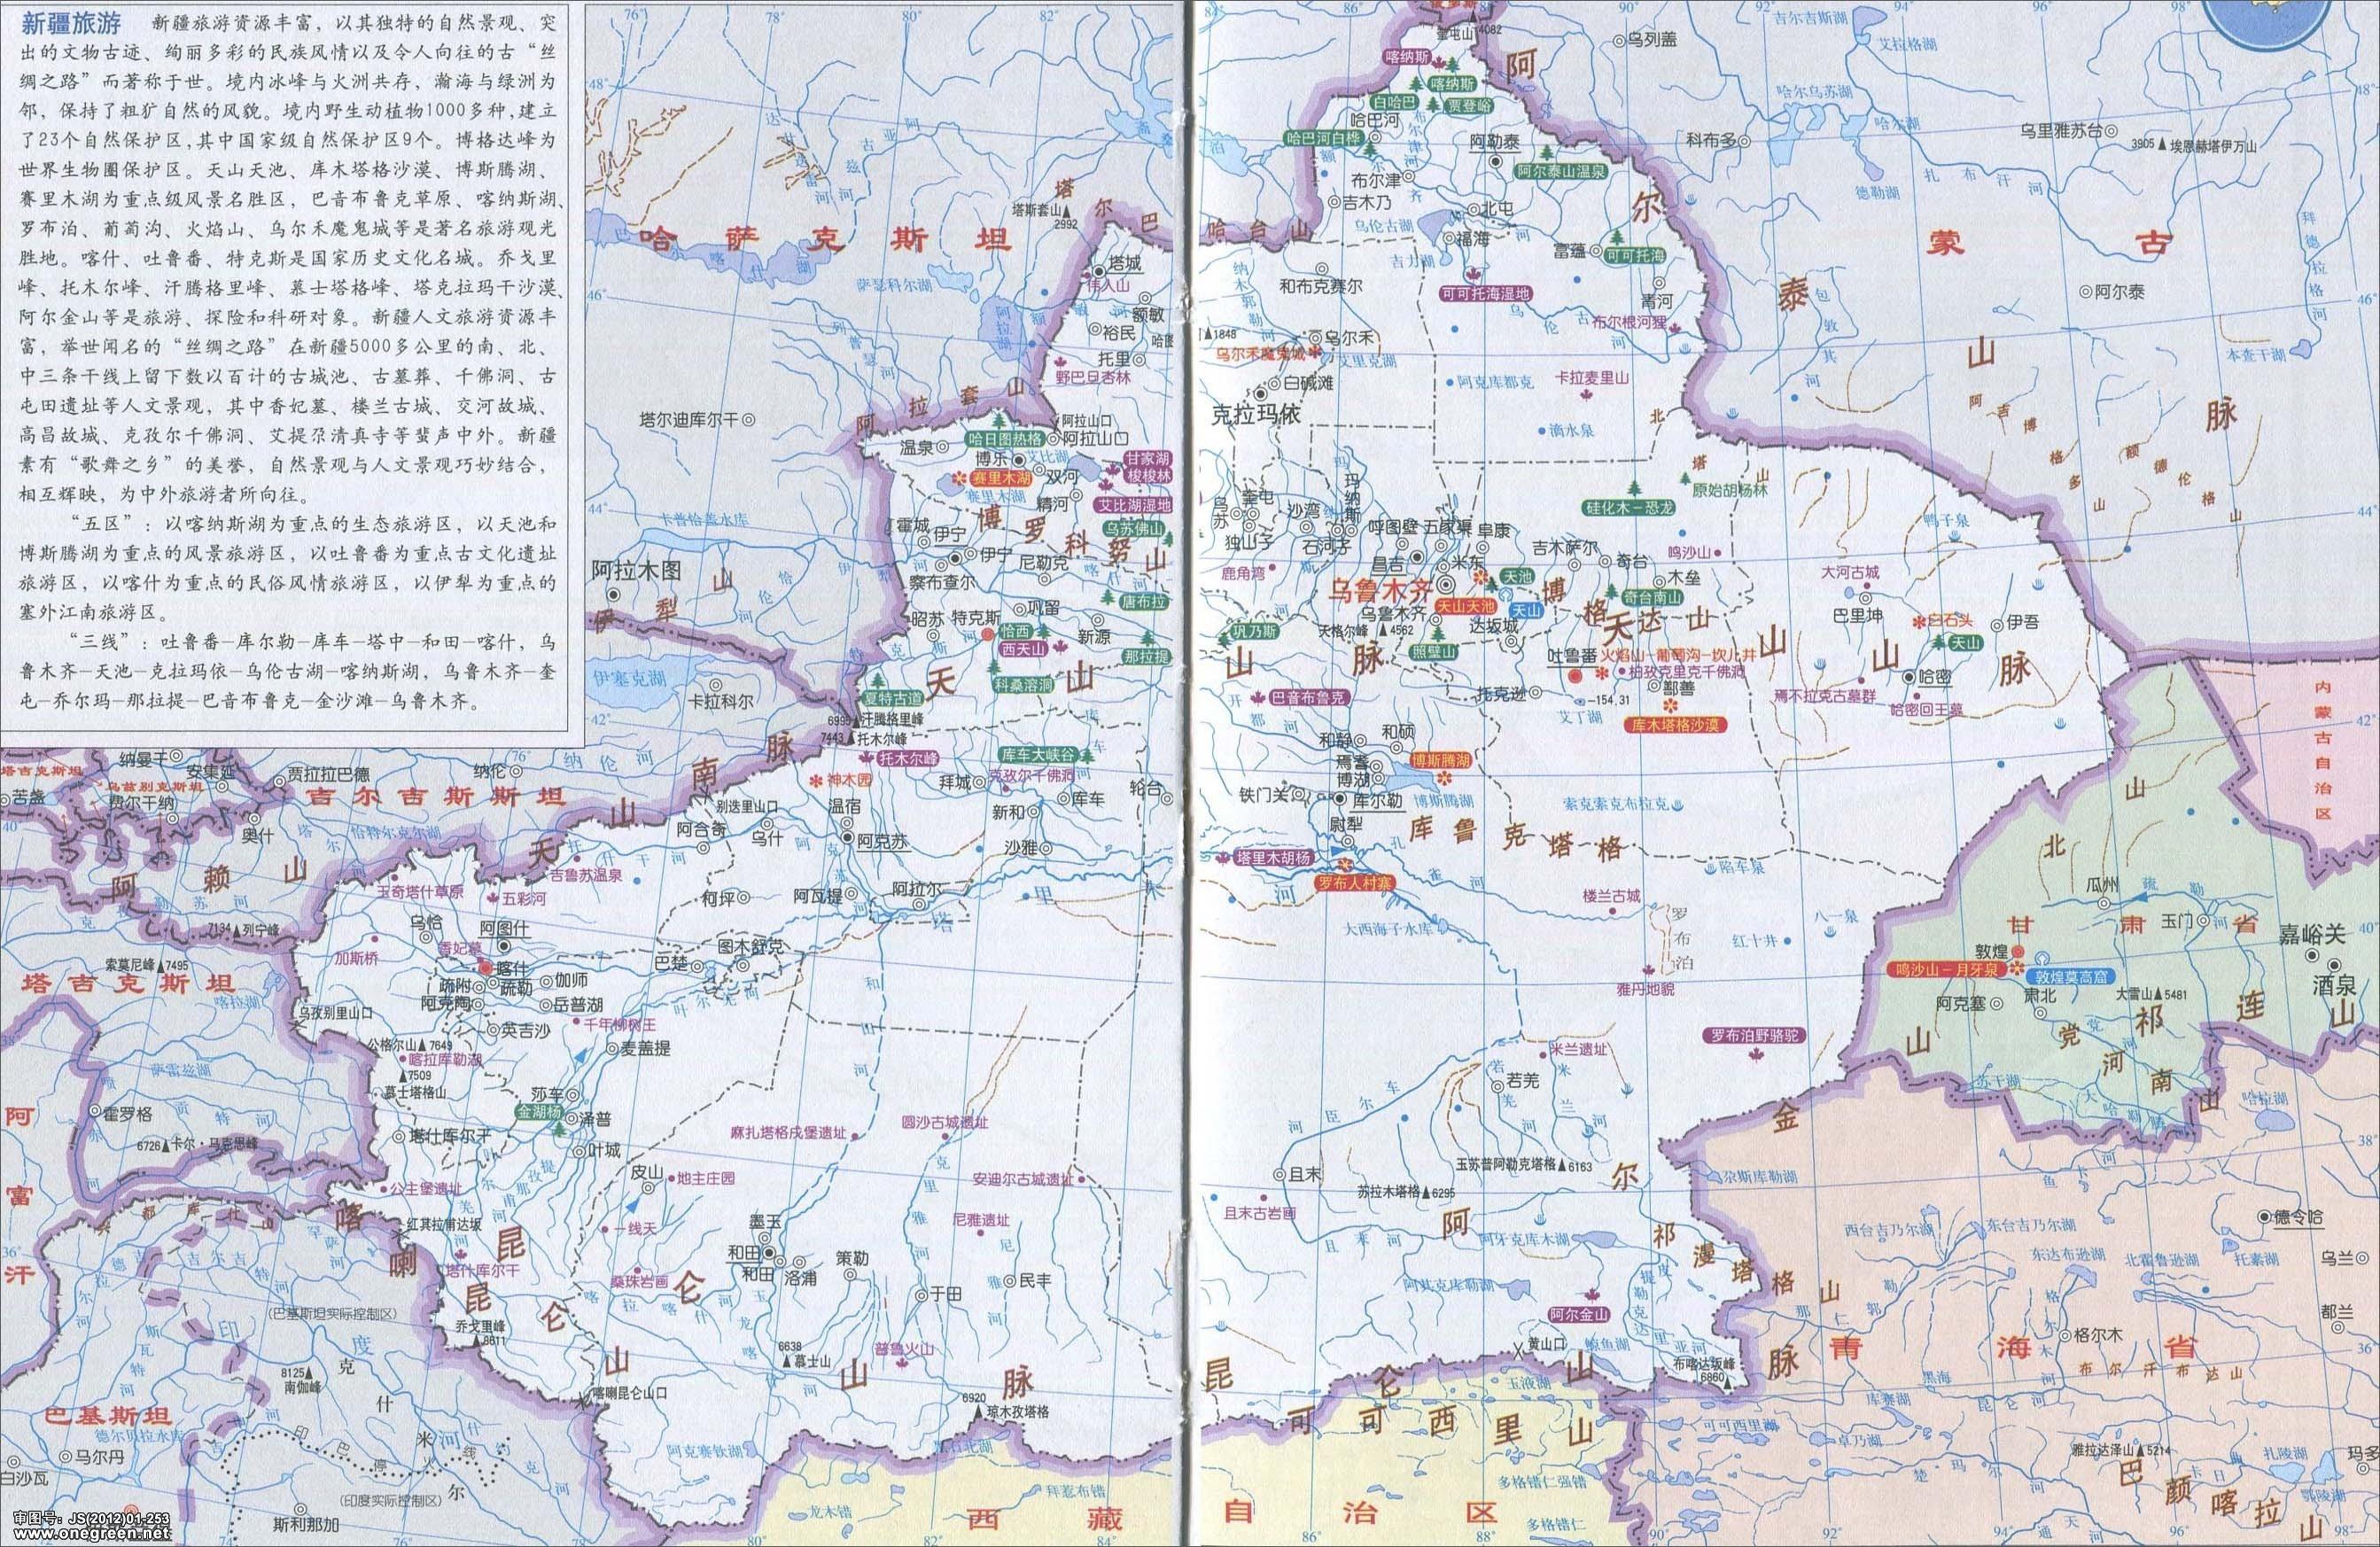 新疆旅游图地图